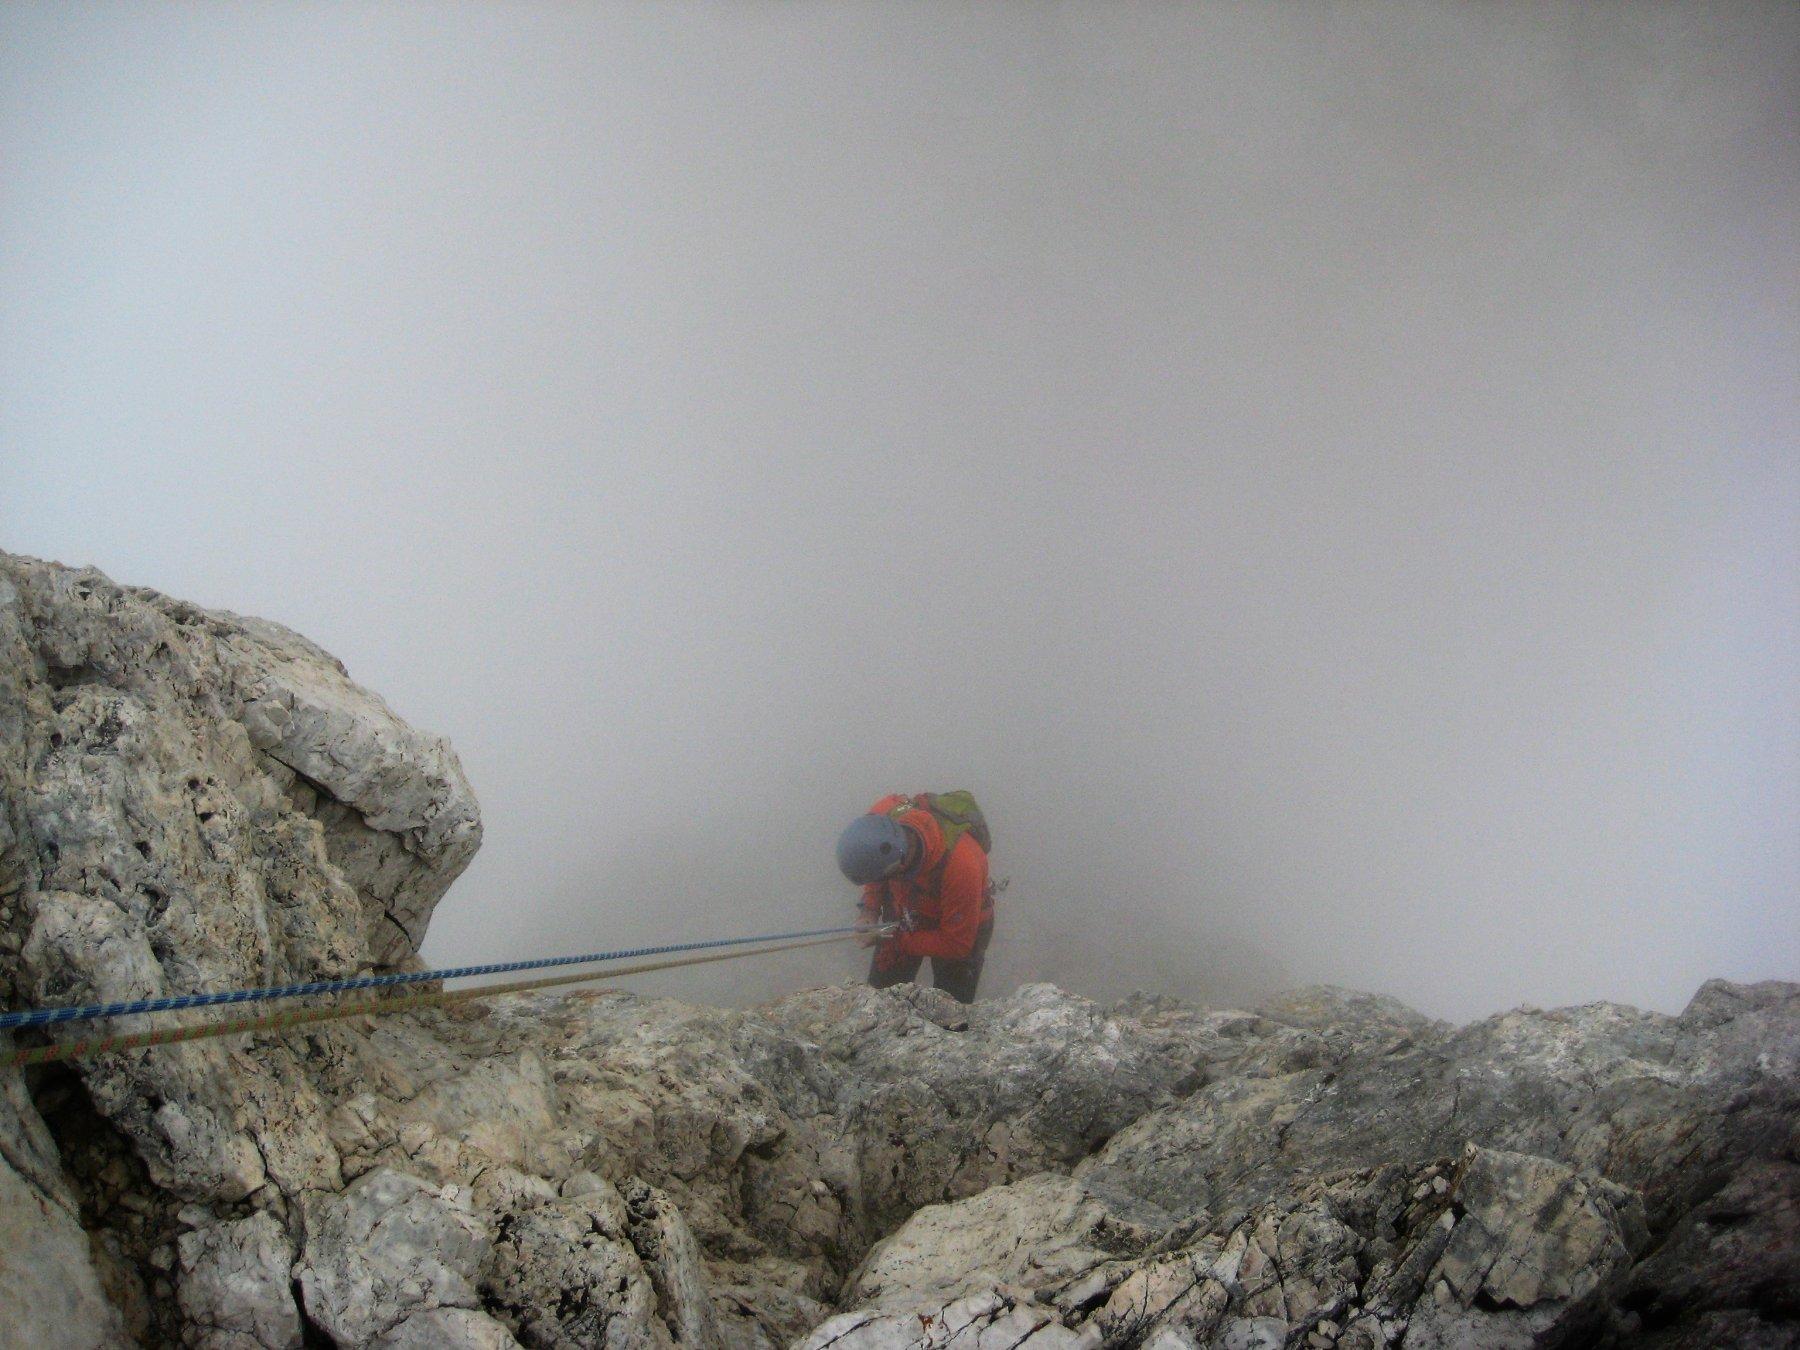 E giù filati nella nebbia...la polenta ci aspetta!